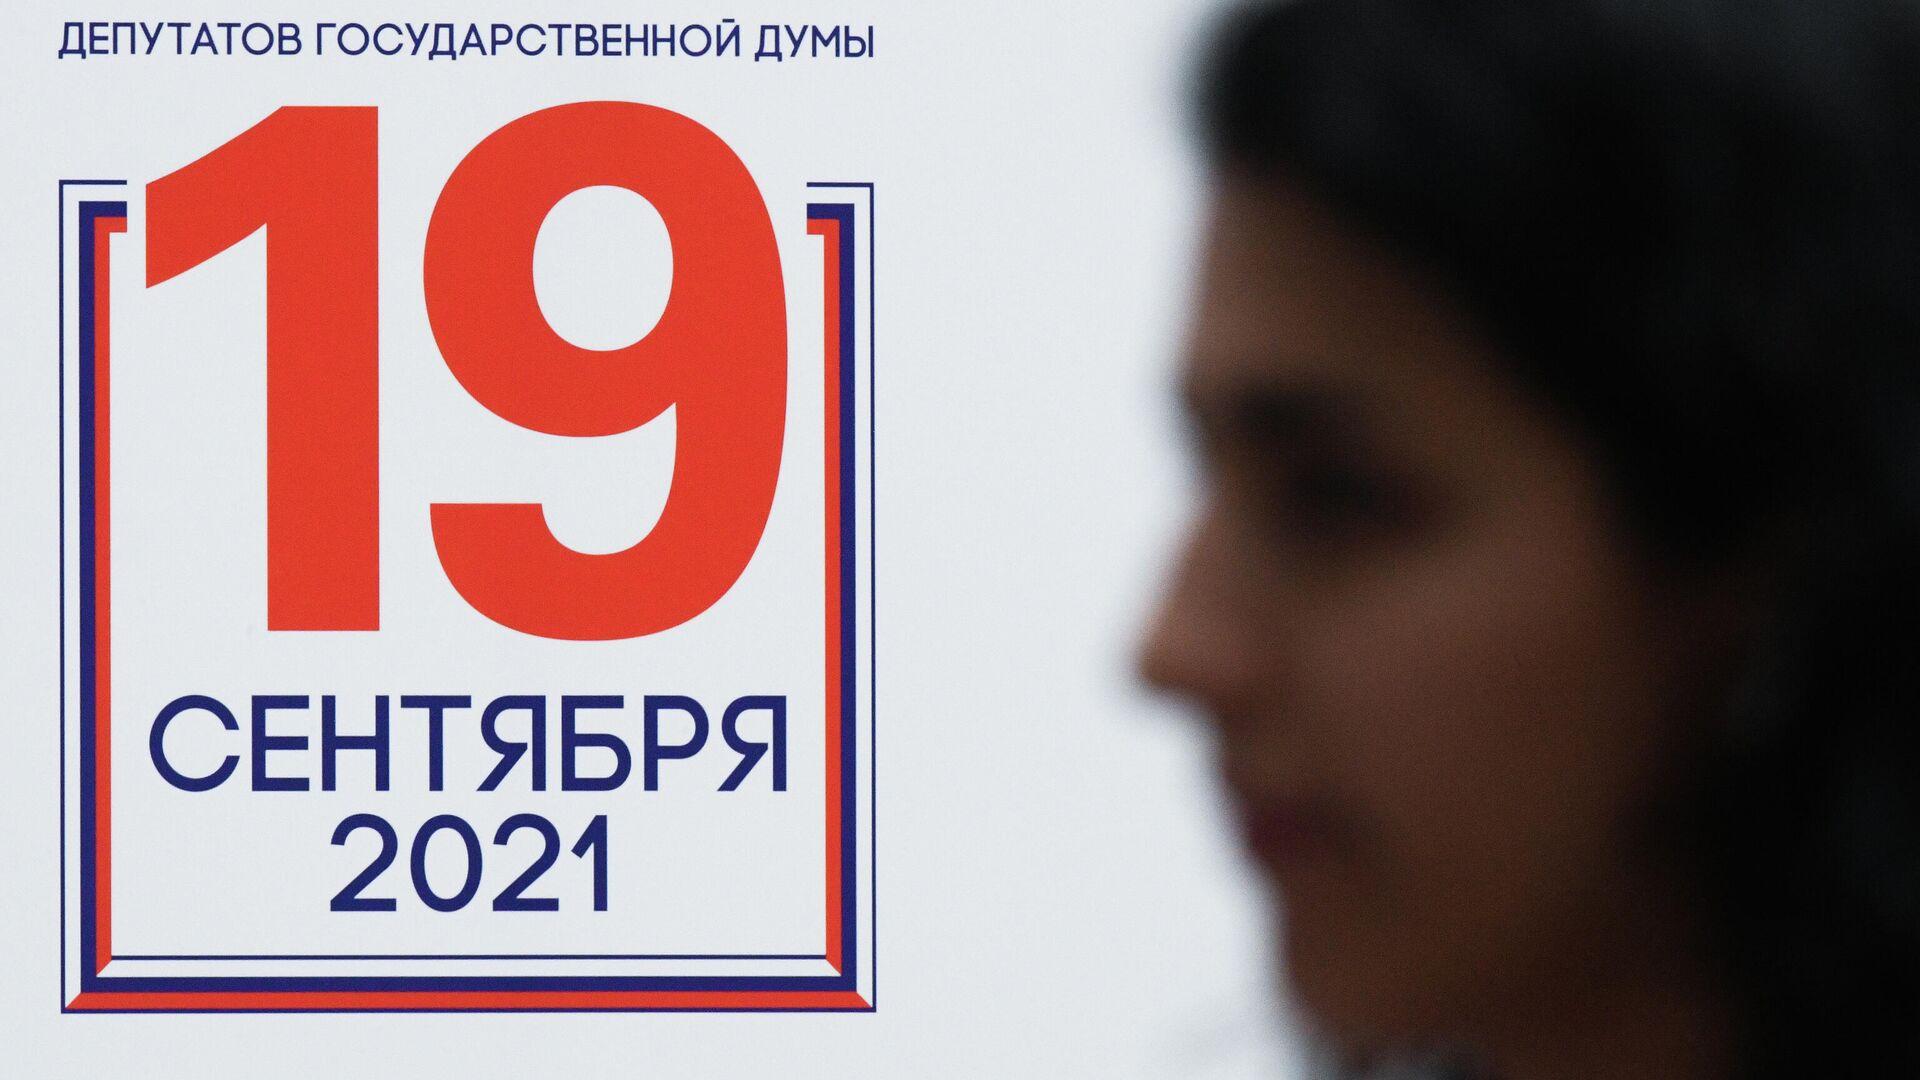 Баннер в информационном центре Центральной избирательной комиссии РФ  - РИА Новости, 1920, 17.09.2021